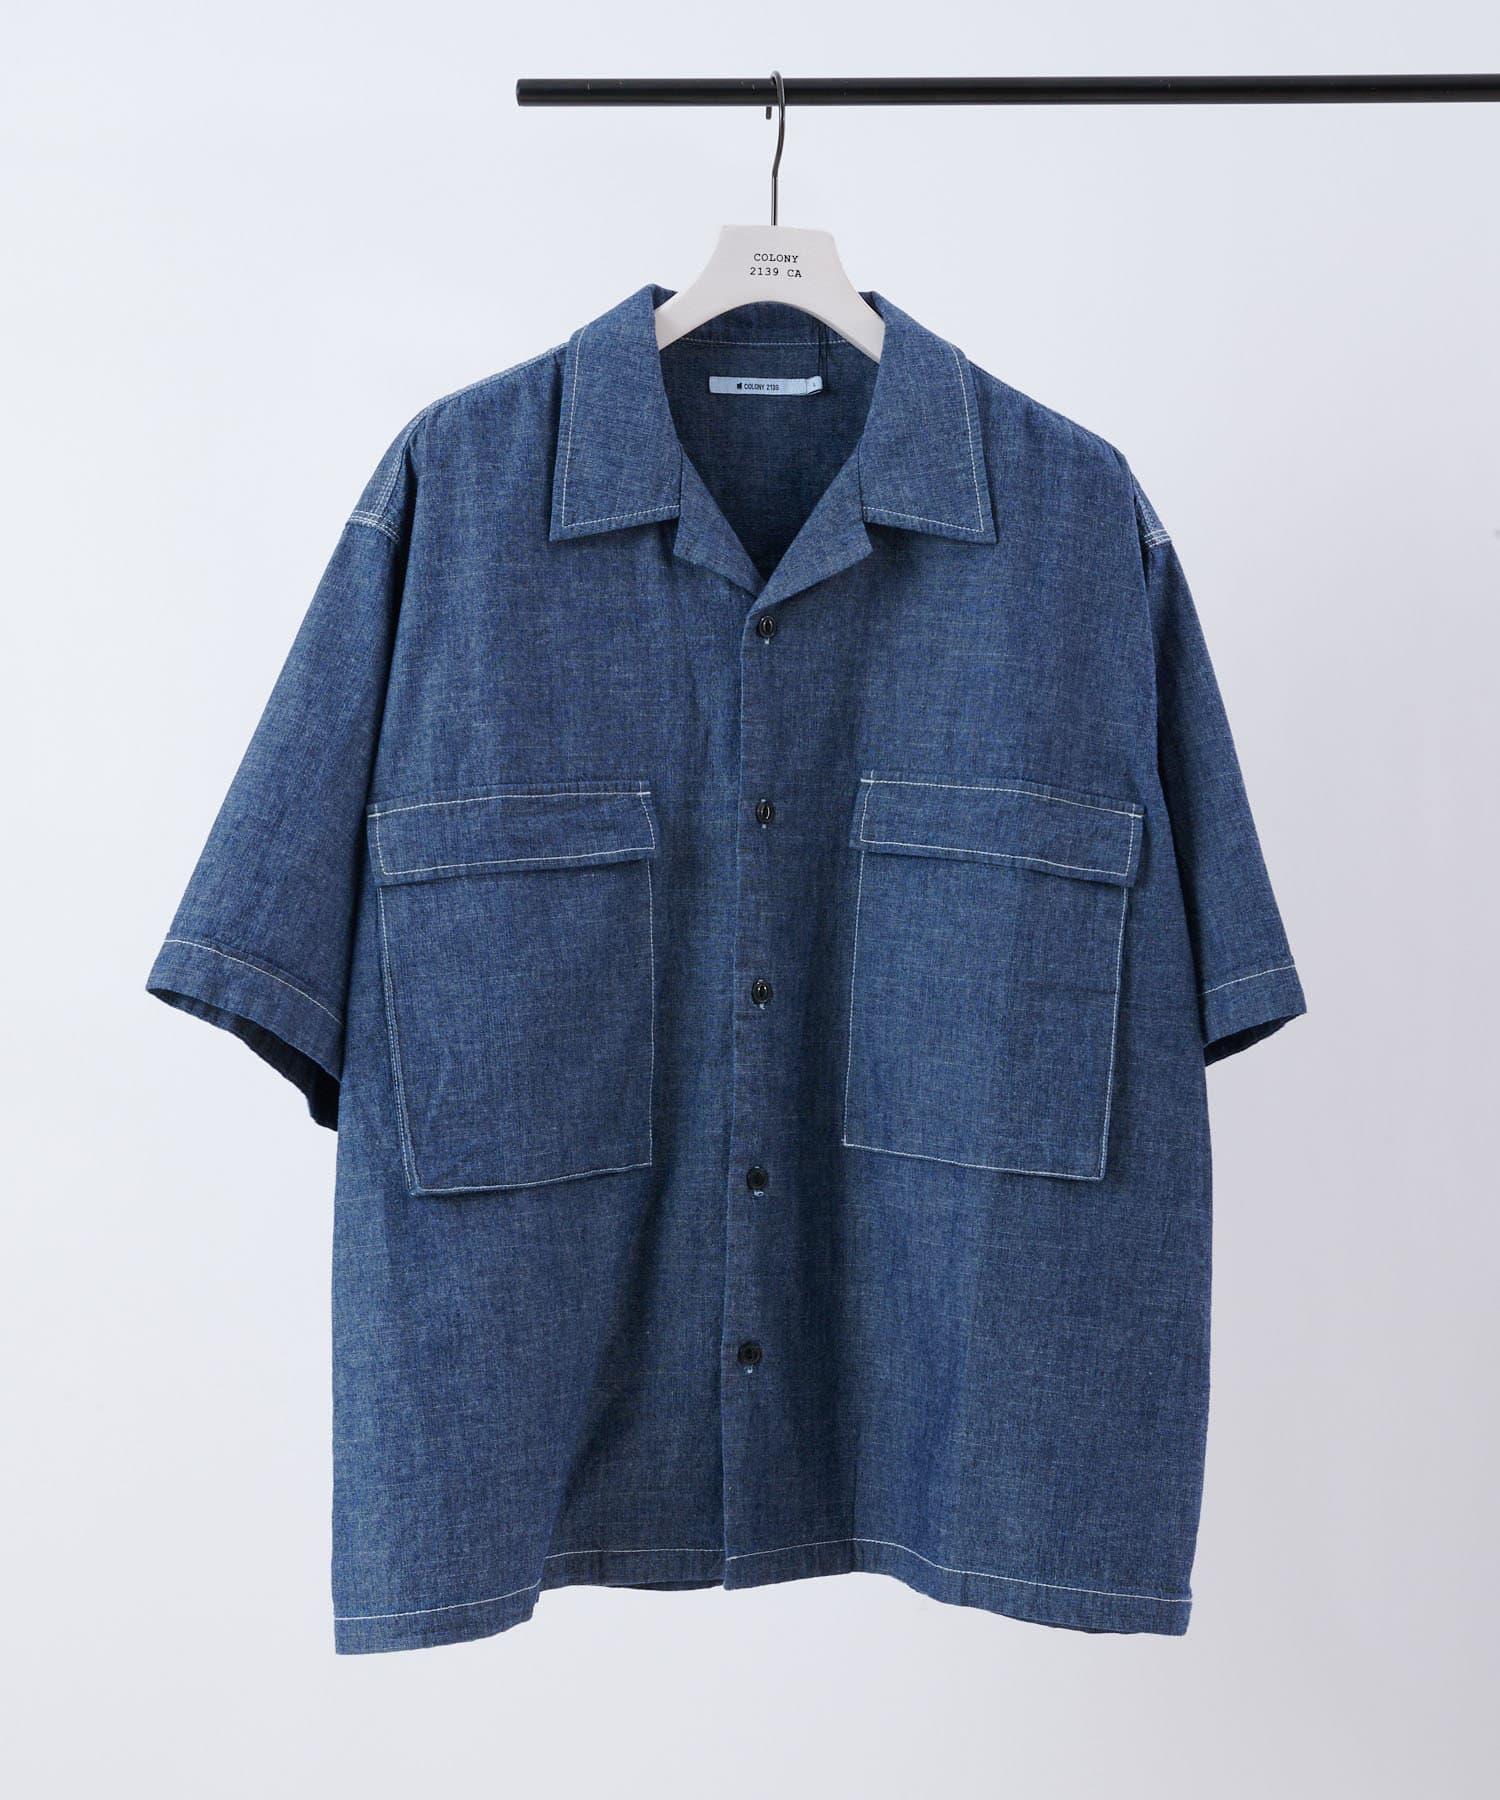 COLONY 2139(コロニー トゥーワンスリーナイン) シャンブレーBIGポケット半袖シャツ/オープンカラーシャツ/オーバーサイズ